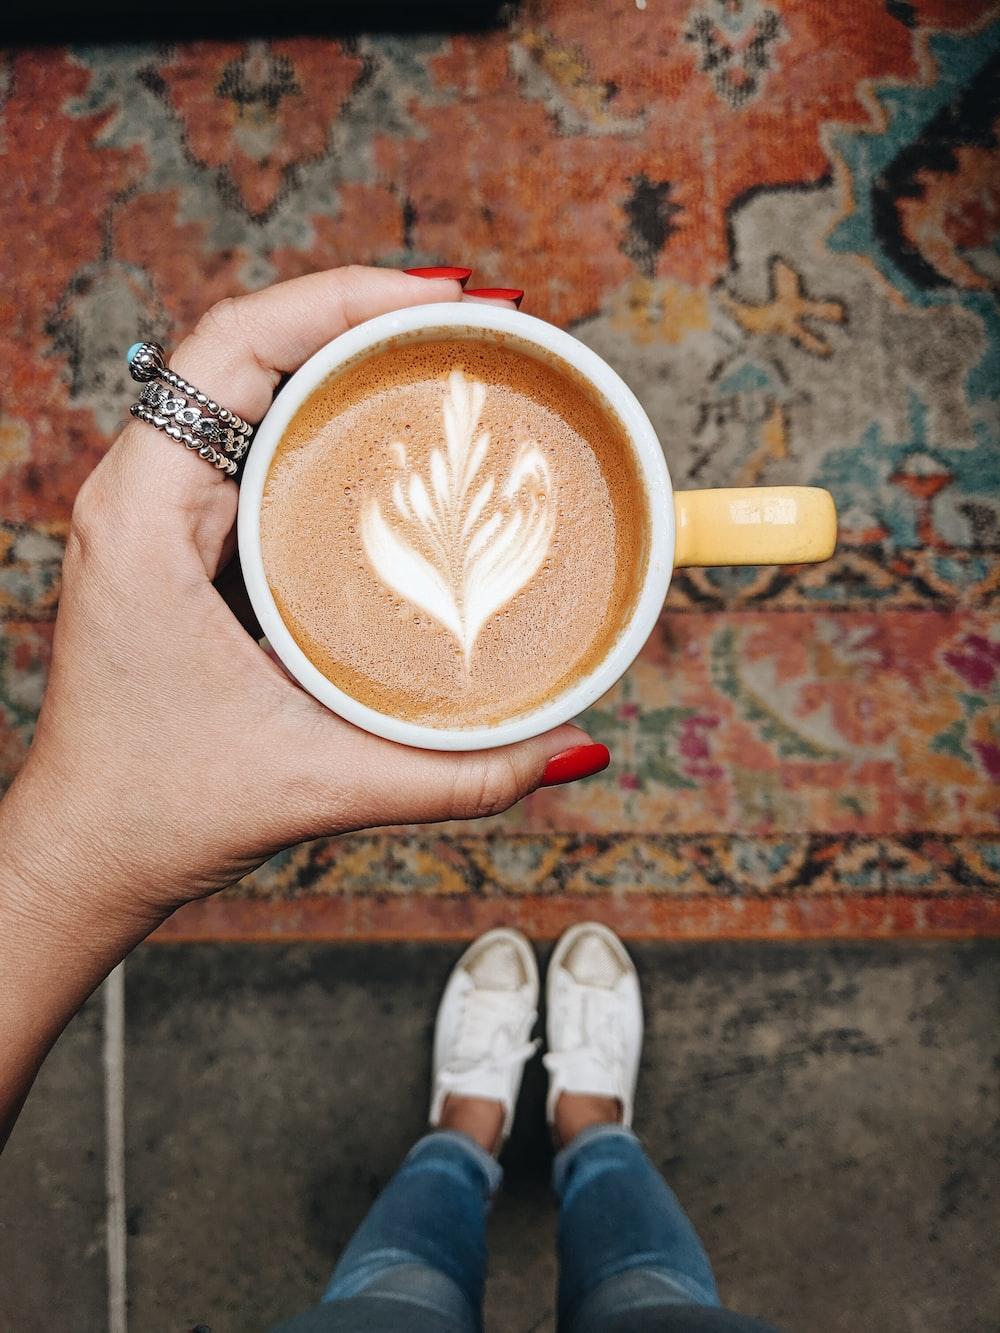 cappuccino on mug